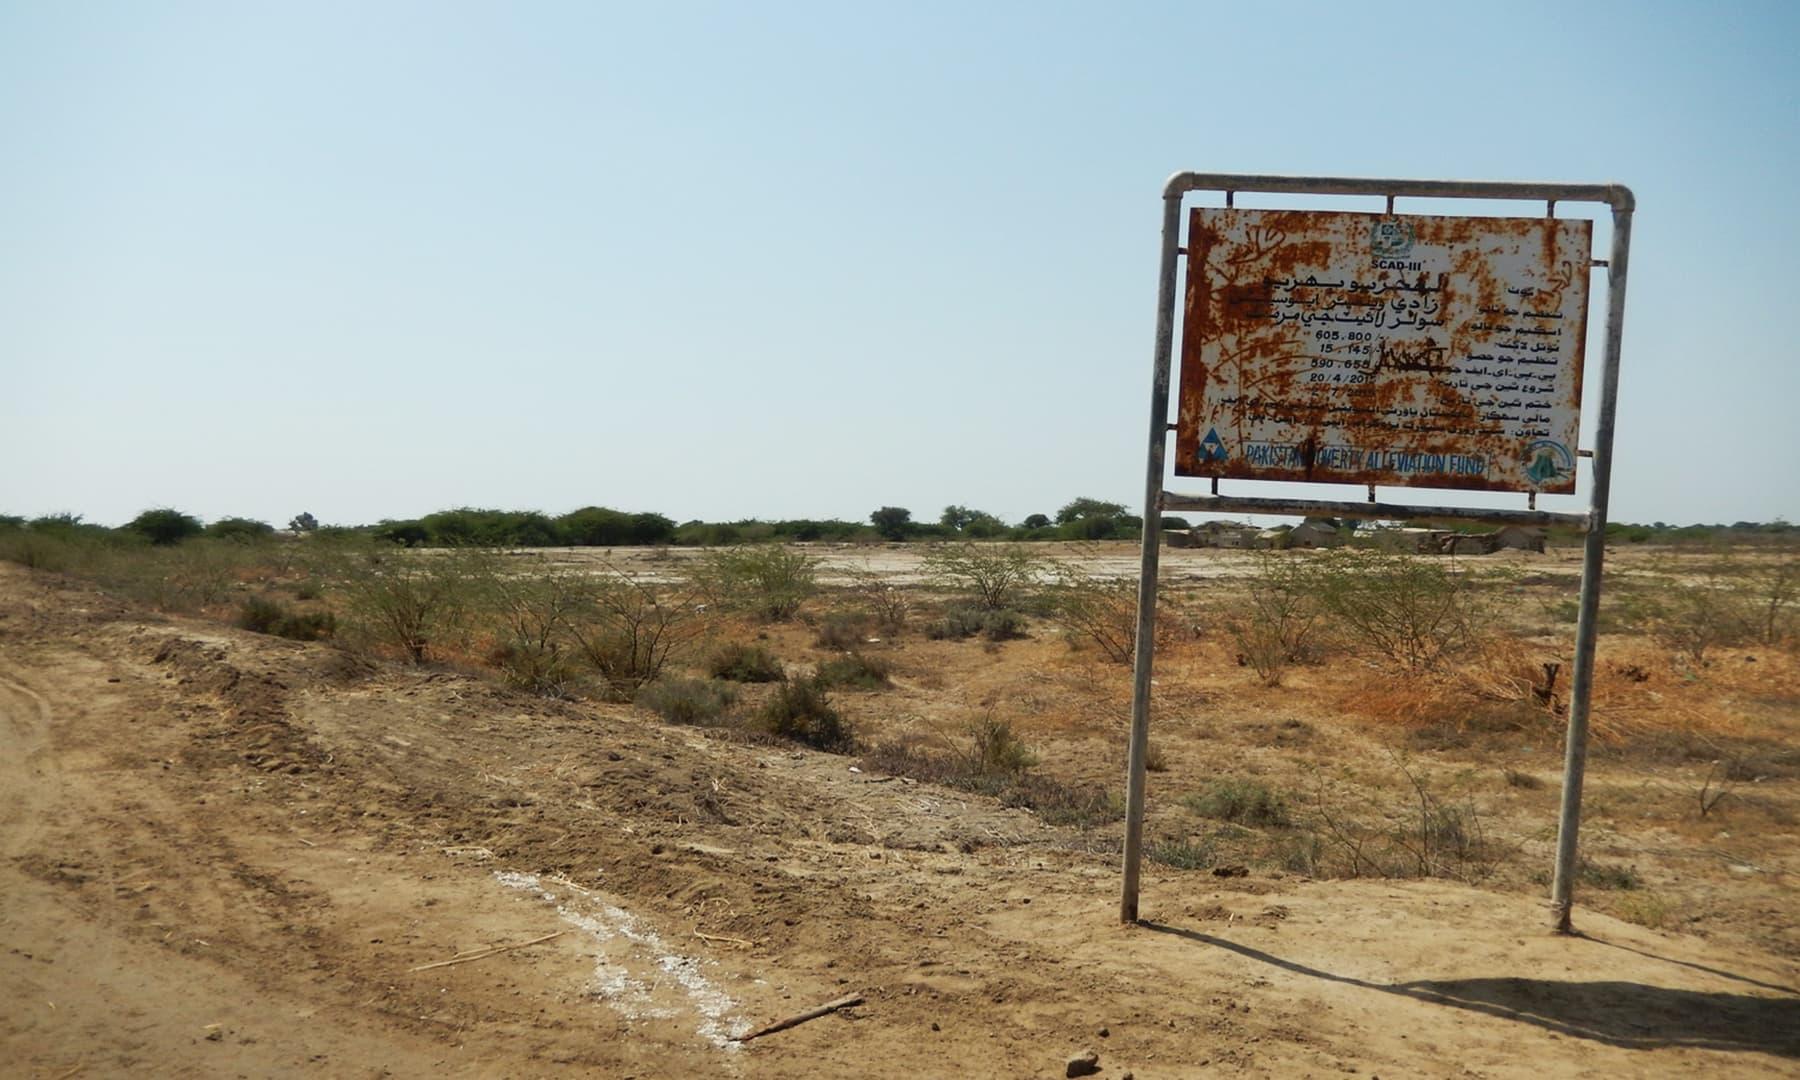 جاتی سے جڑیو گاؤں کو جاتا راستہ— تصویر ابوبکر شیخ